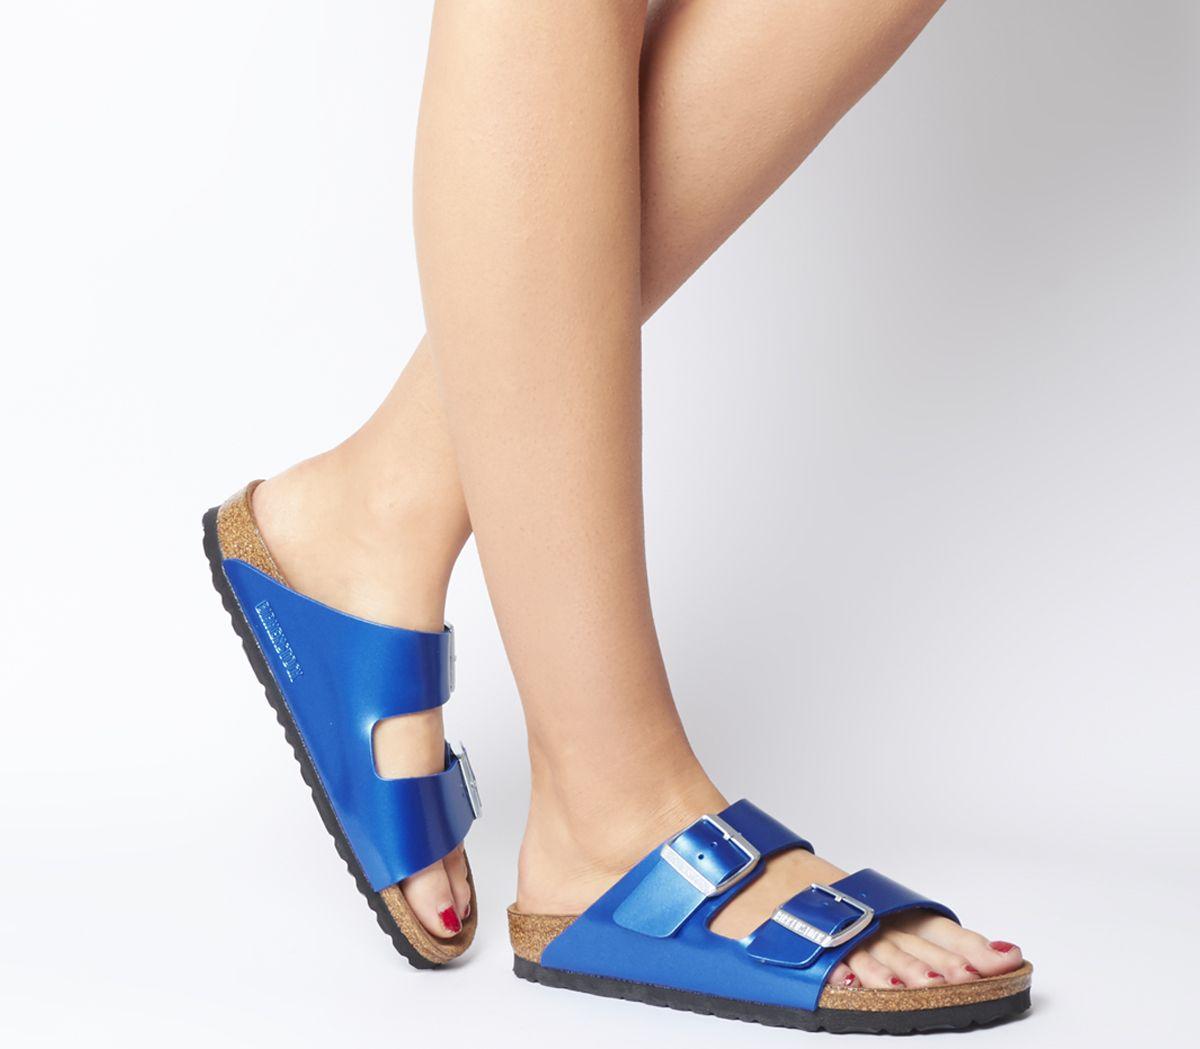 729c588b50865 Birkenstock Arizona Two Strap Sandals Electric Metallic Ocean - Sandals